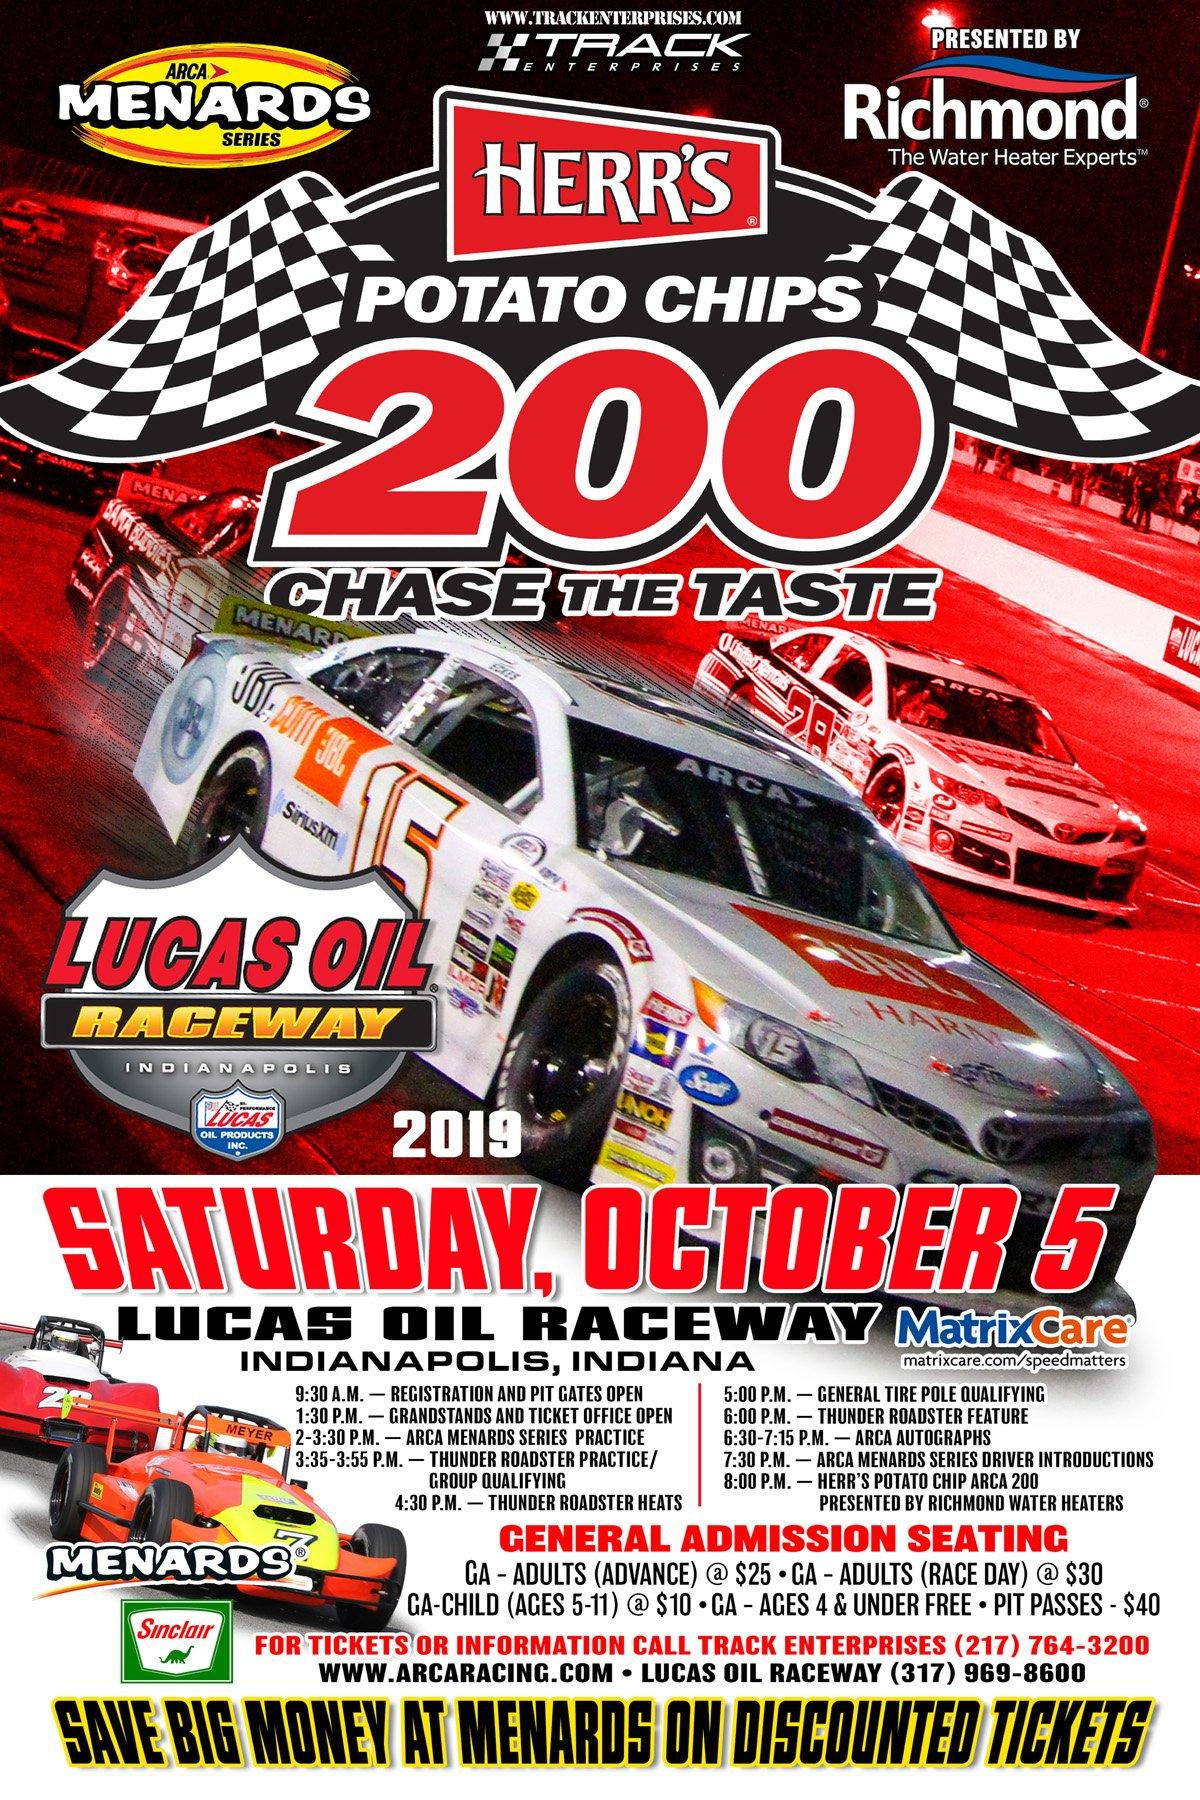 October 5 Lucas Oil Raceway